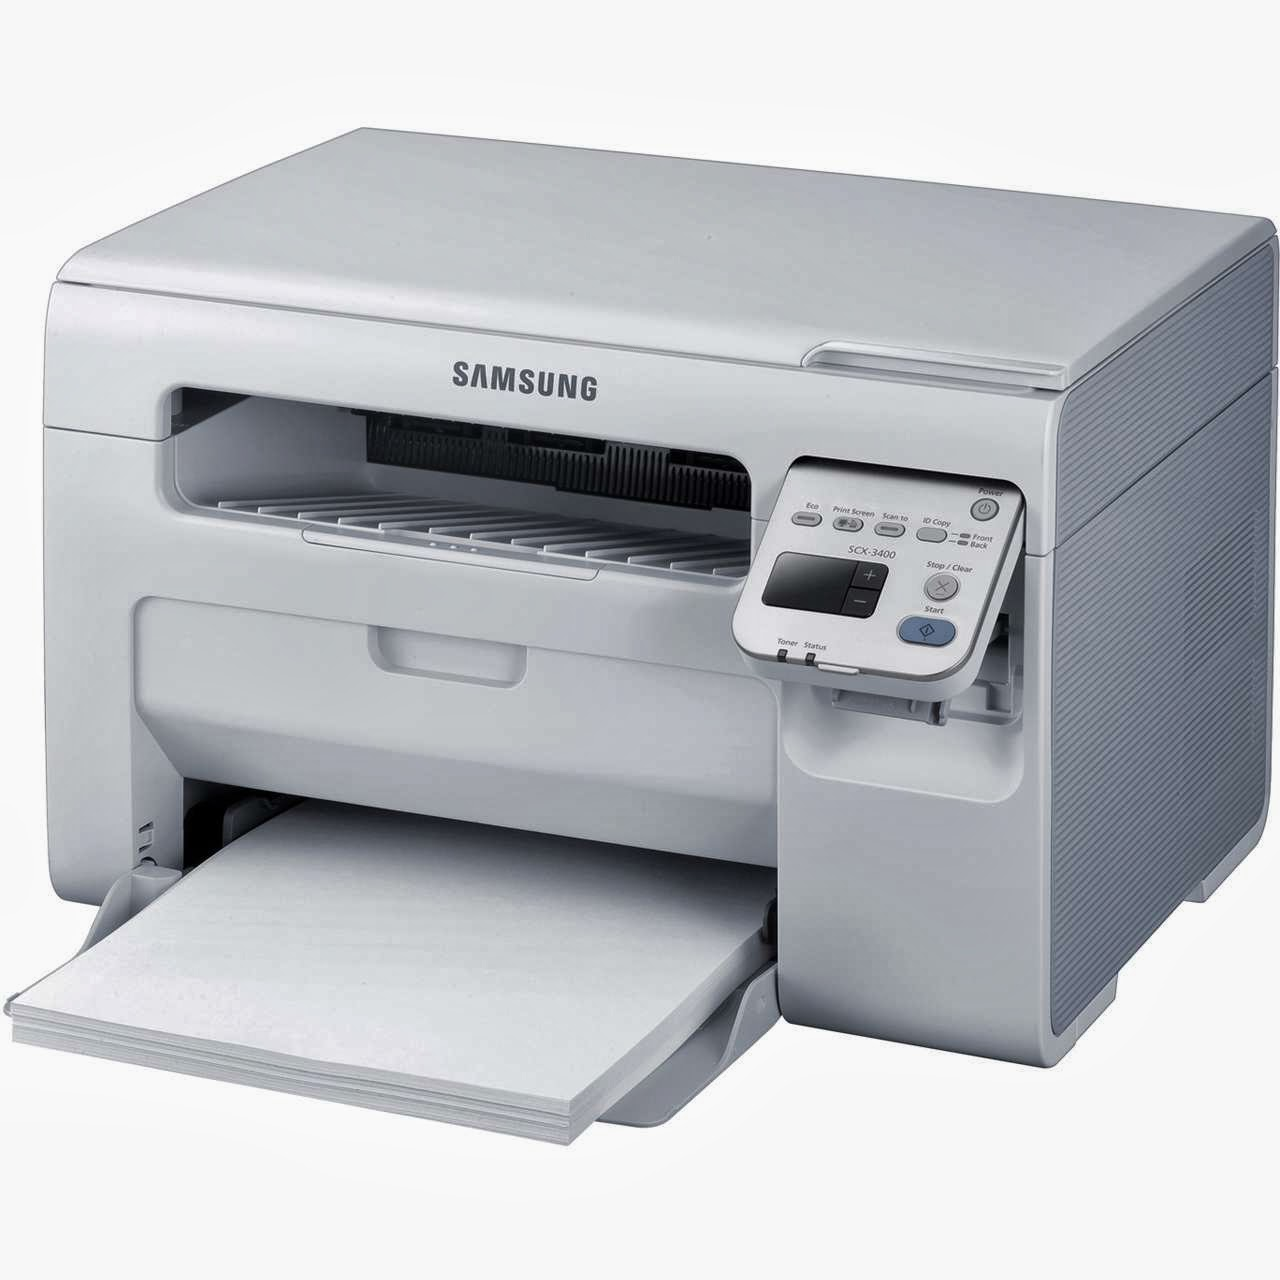 можно скачать драйвер на принтер